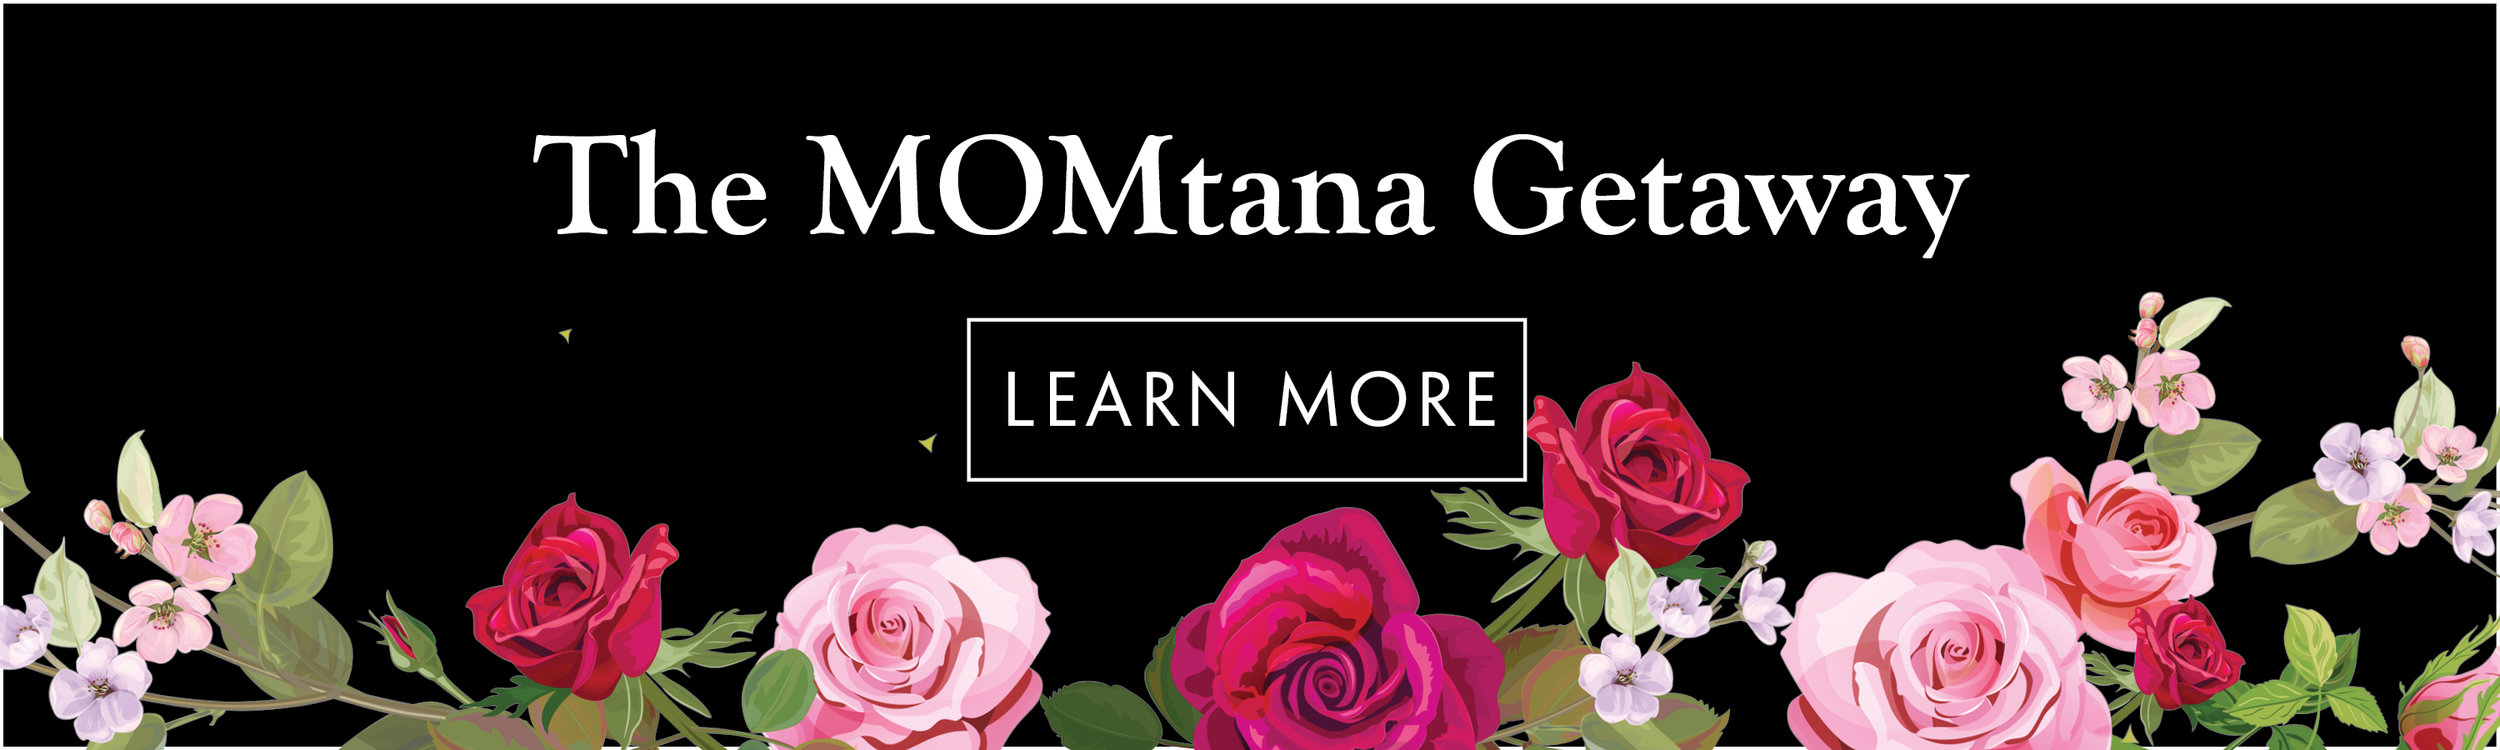 MOMtana Banner 2019.jpg